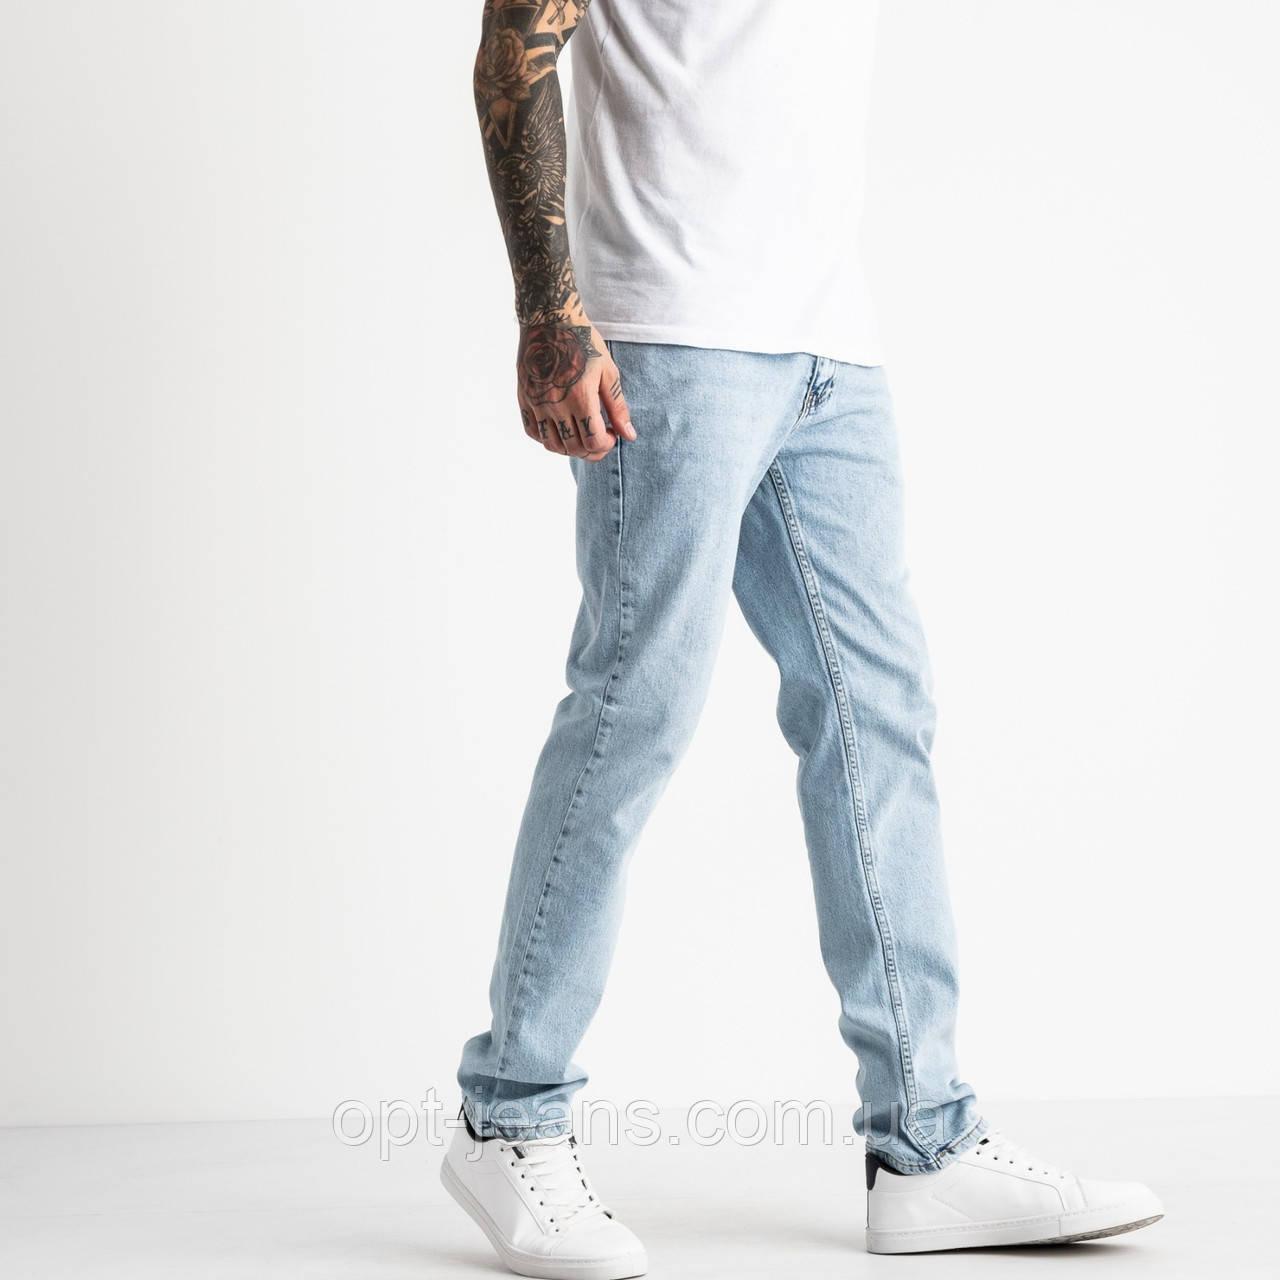 3721-002 In Yesir джинси чоловічі блакитні котонові (8 од. розміри: 29.30.31.32.32.33.34.36)